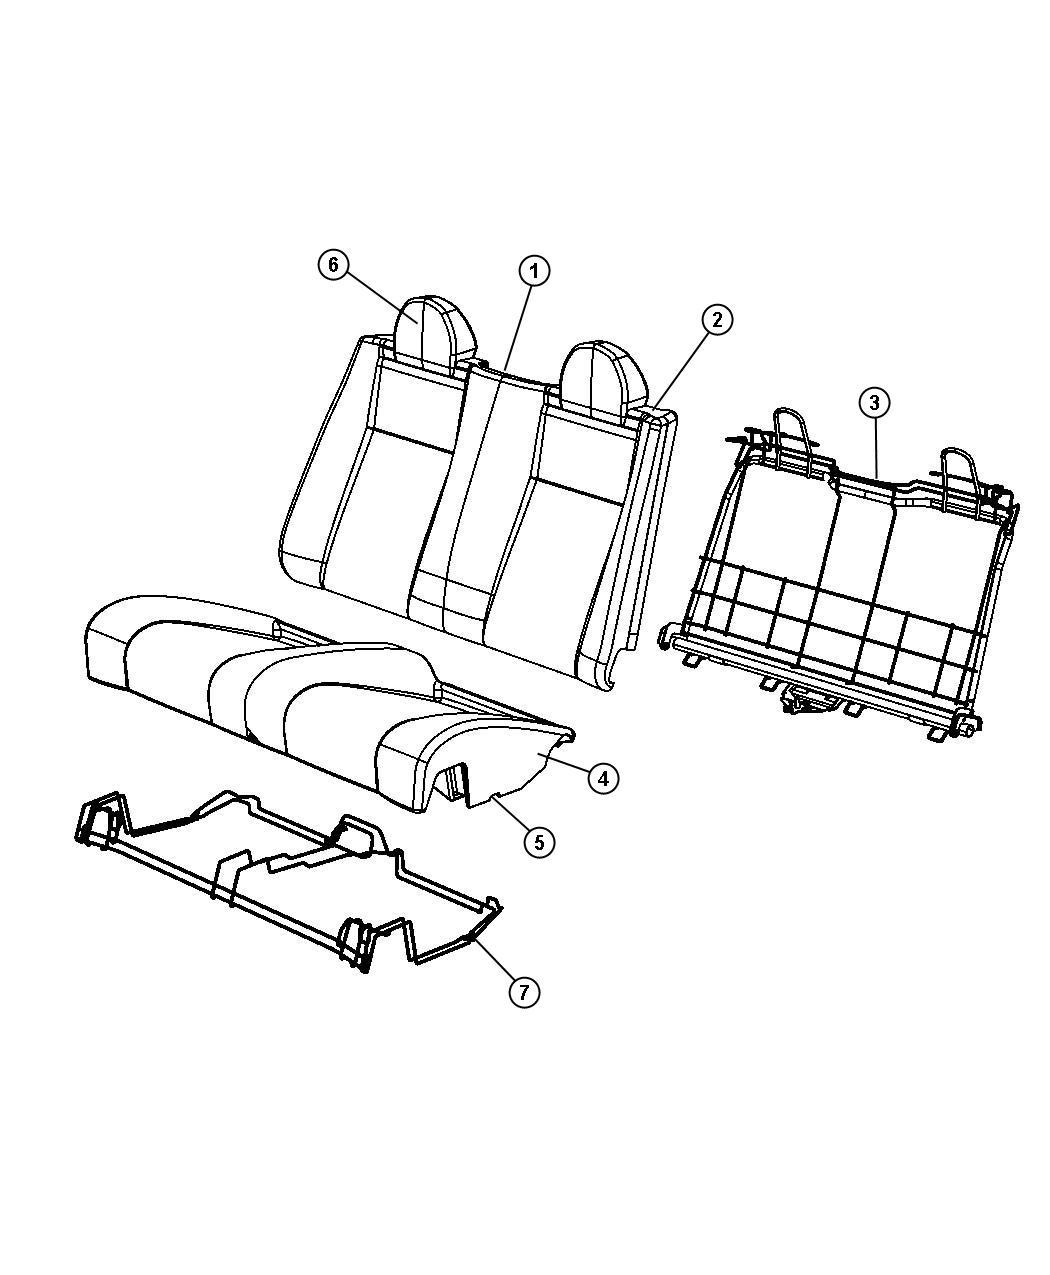 Chrysler Sebring Headrest. Rear. [dv]. Trim: [prem leather